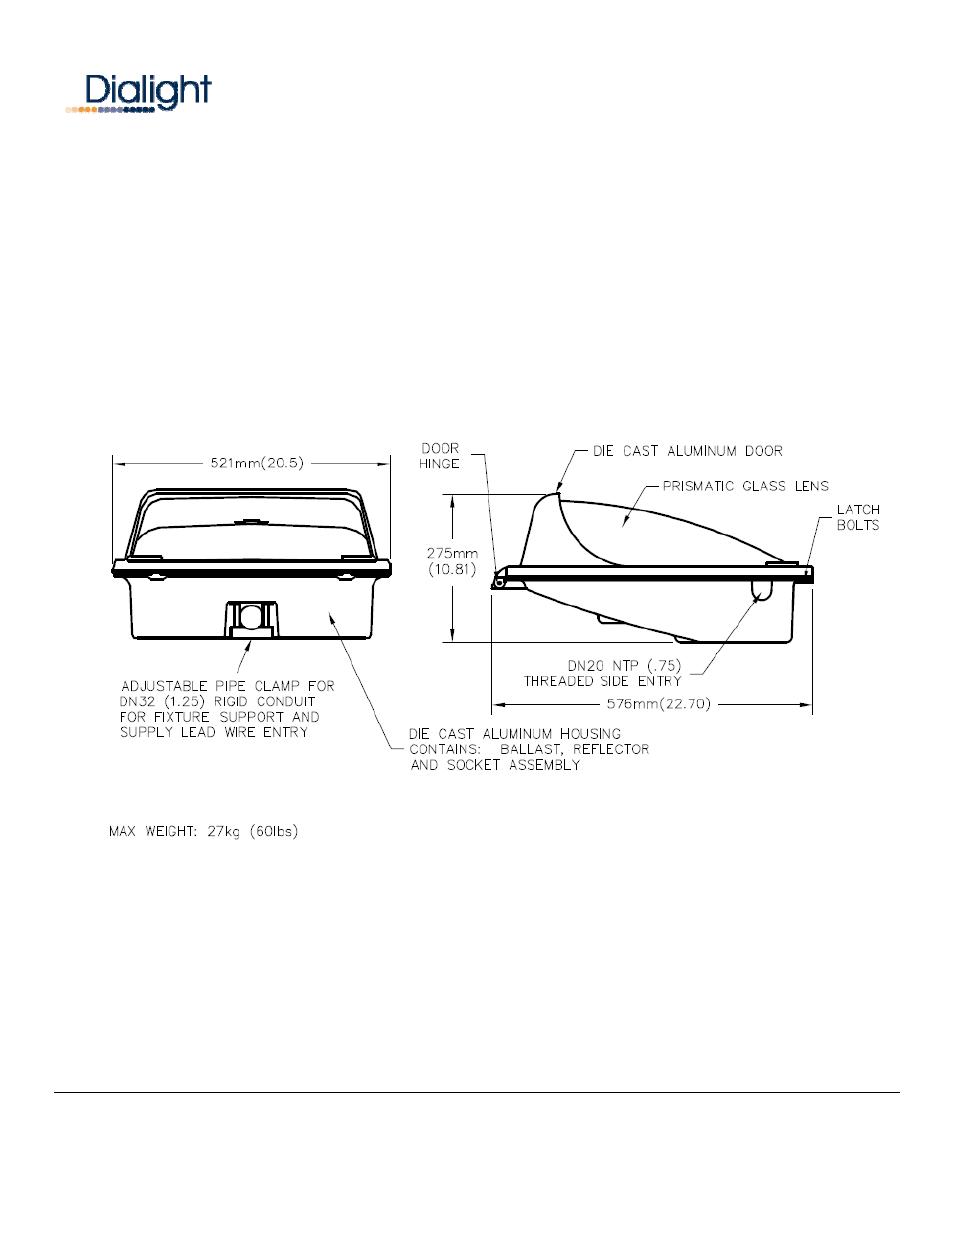 holophane wiring diagram trusted wiring diagrams rh kroud co